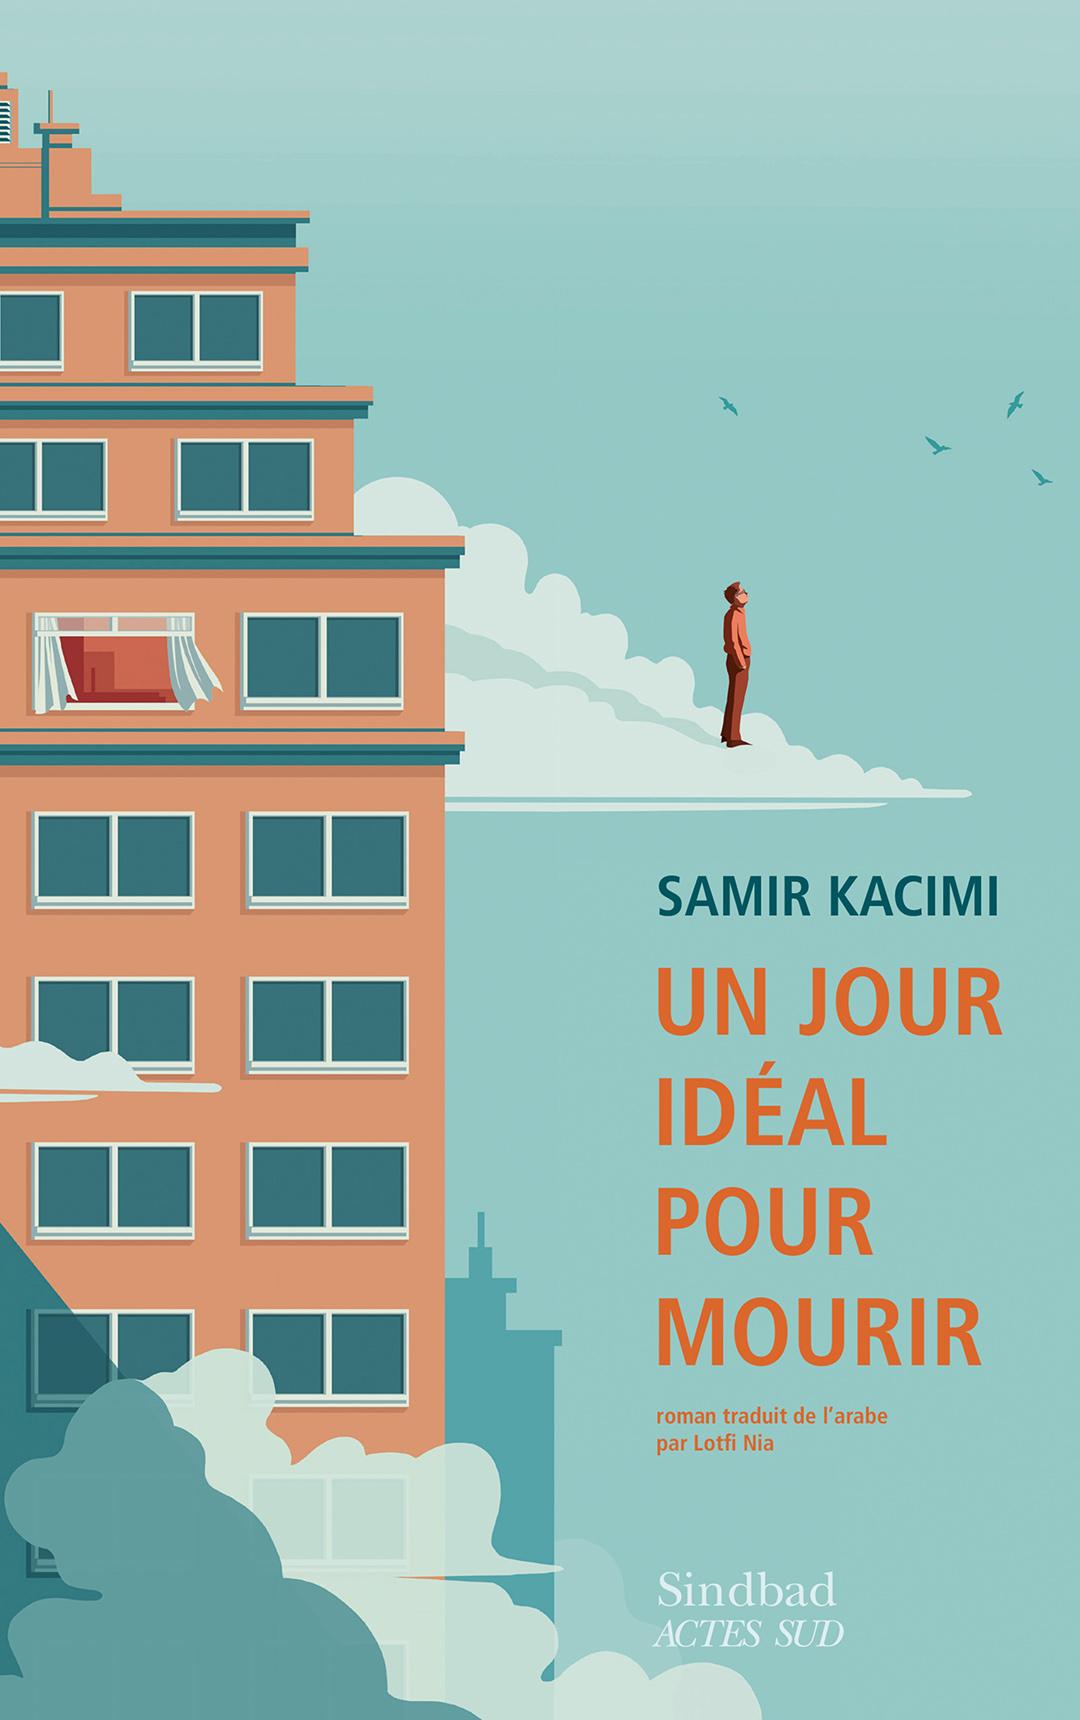 « Un jour idéal pour mourir » de Samir Kacimi traduit par Lotfi Nia (éd. Sindbad Actes Sud, 118 p., 15 €)